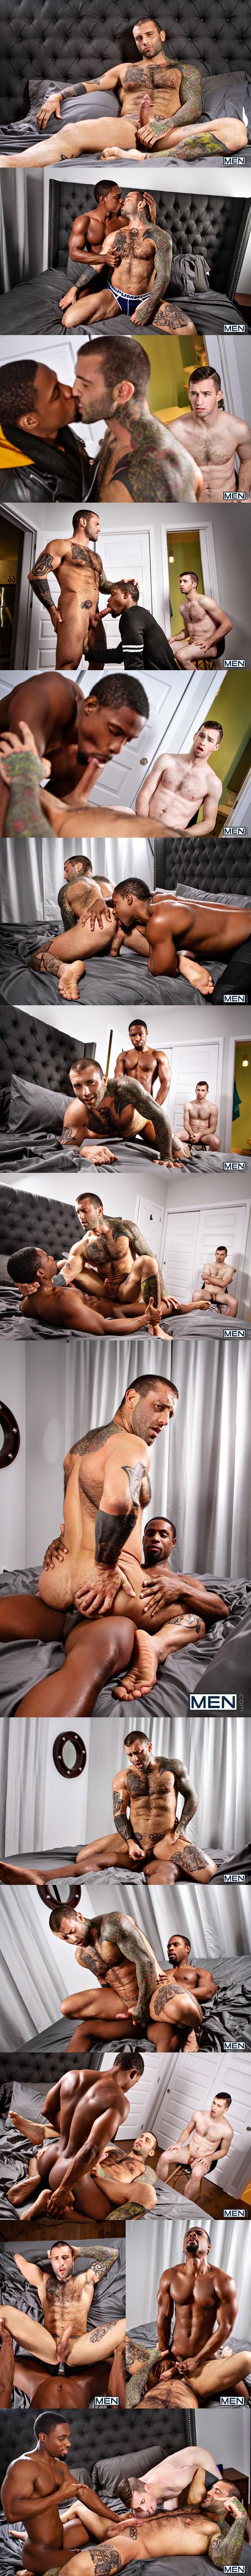 Ripped black muscle stud DeAngelo Jackson fucks masculine beefcake Markus Kage in an interracial scene in Cuckboys Part 1 at Men 01